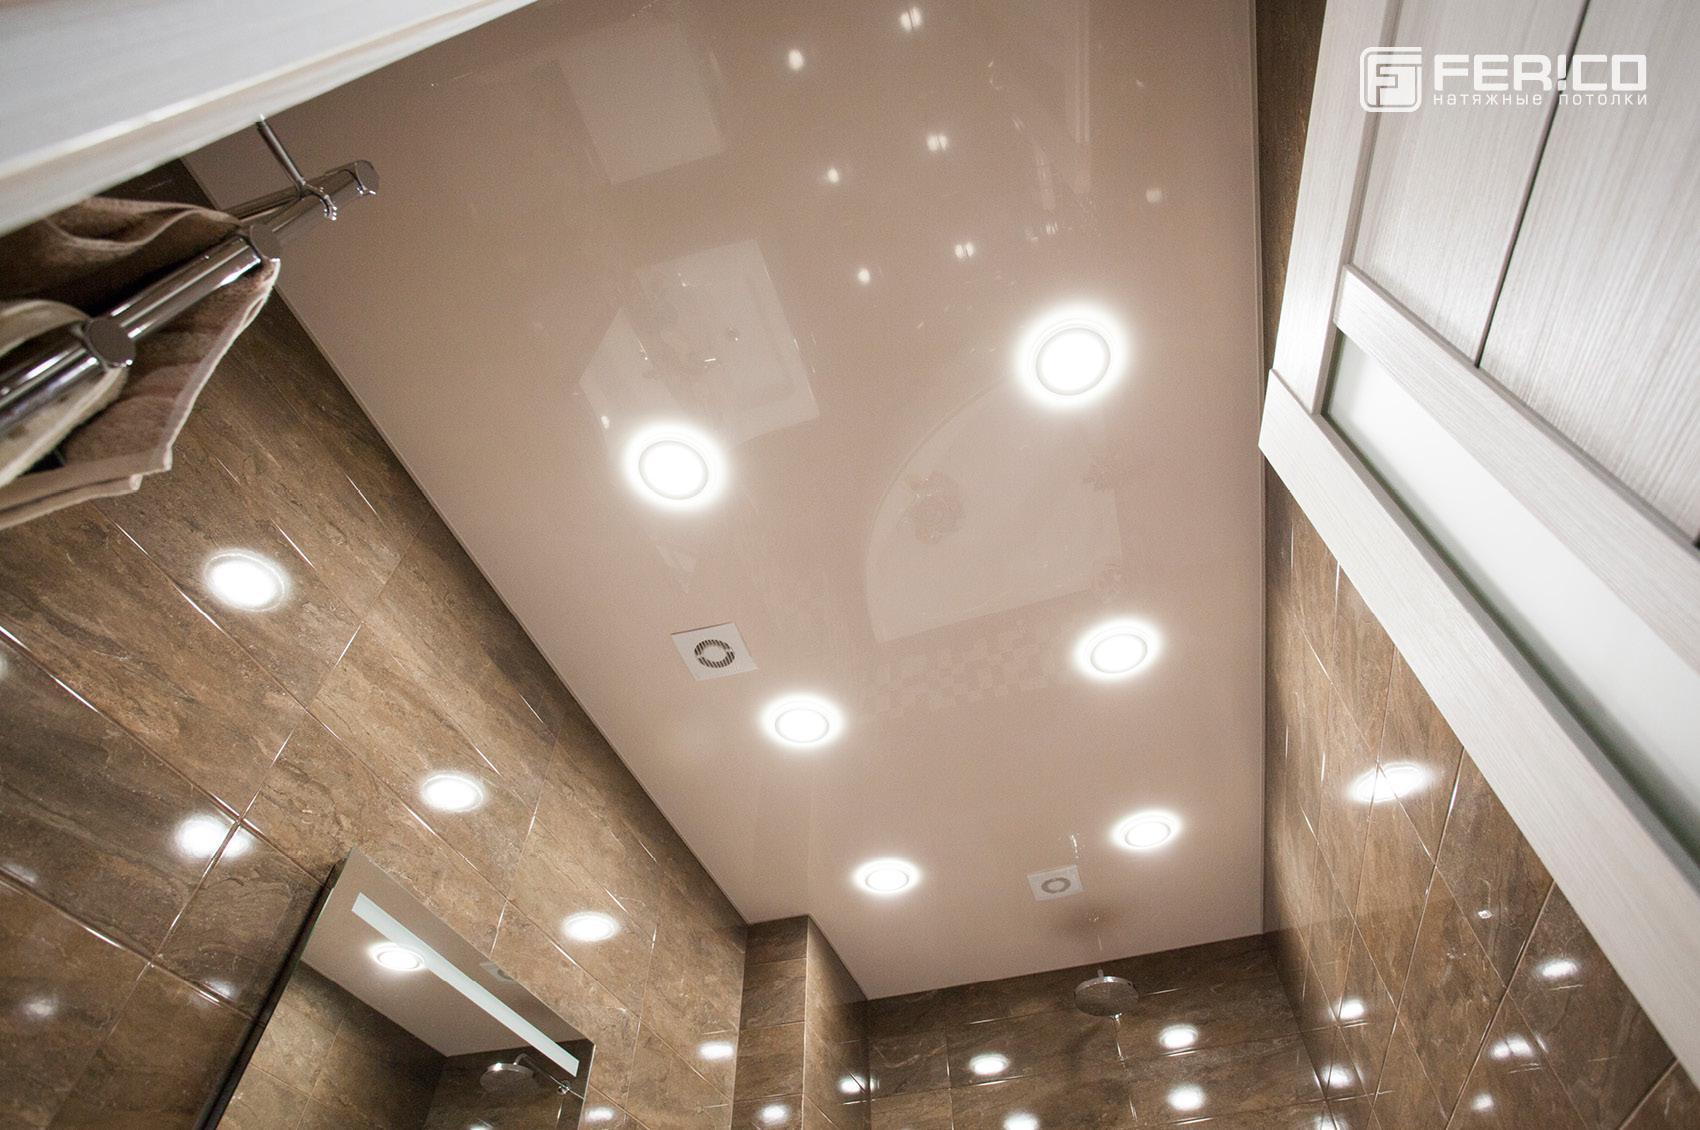 Натяжной потолок Ферико в ванной